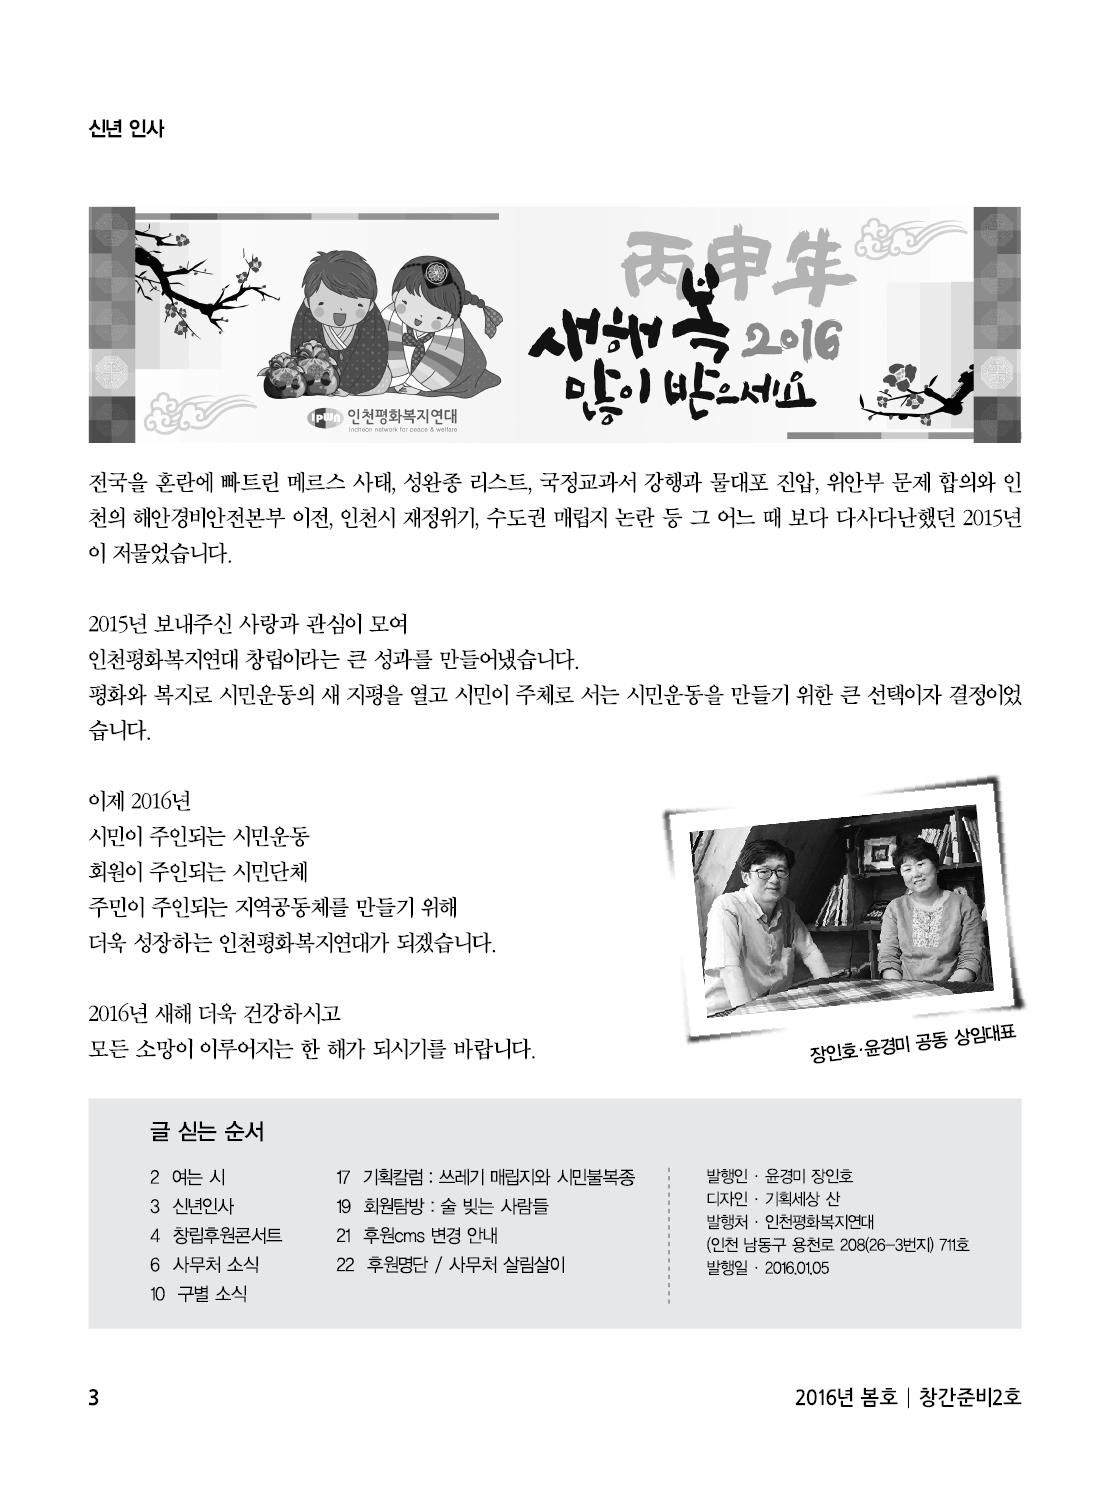 아웃라인 인천평화복지연대 창간준비2호3.jpg